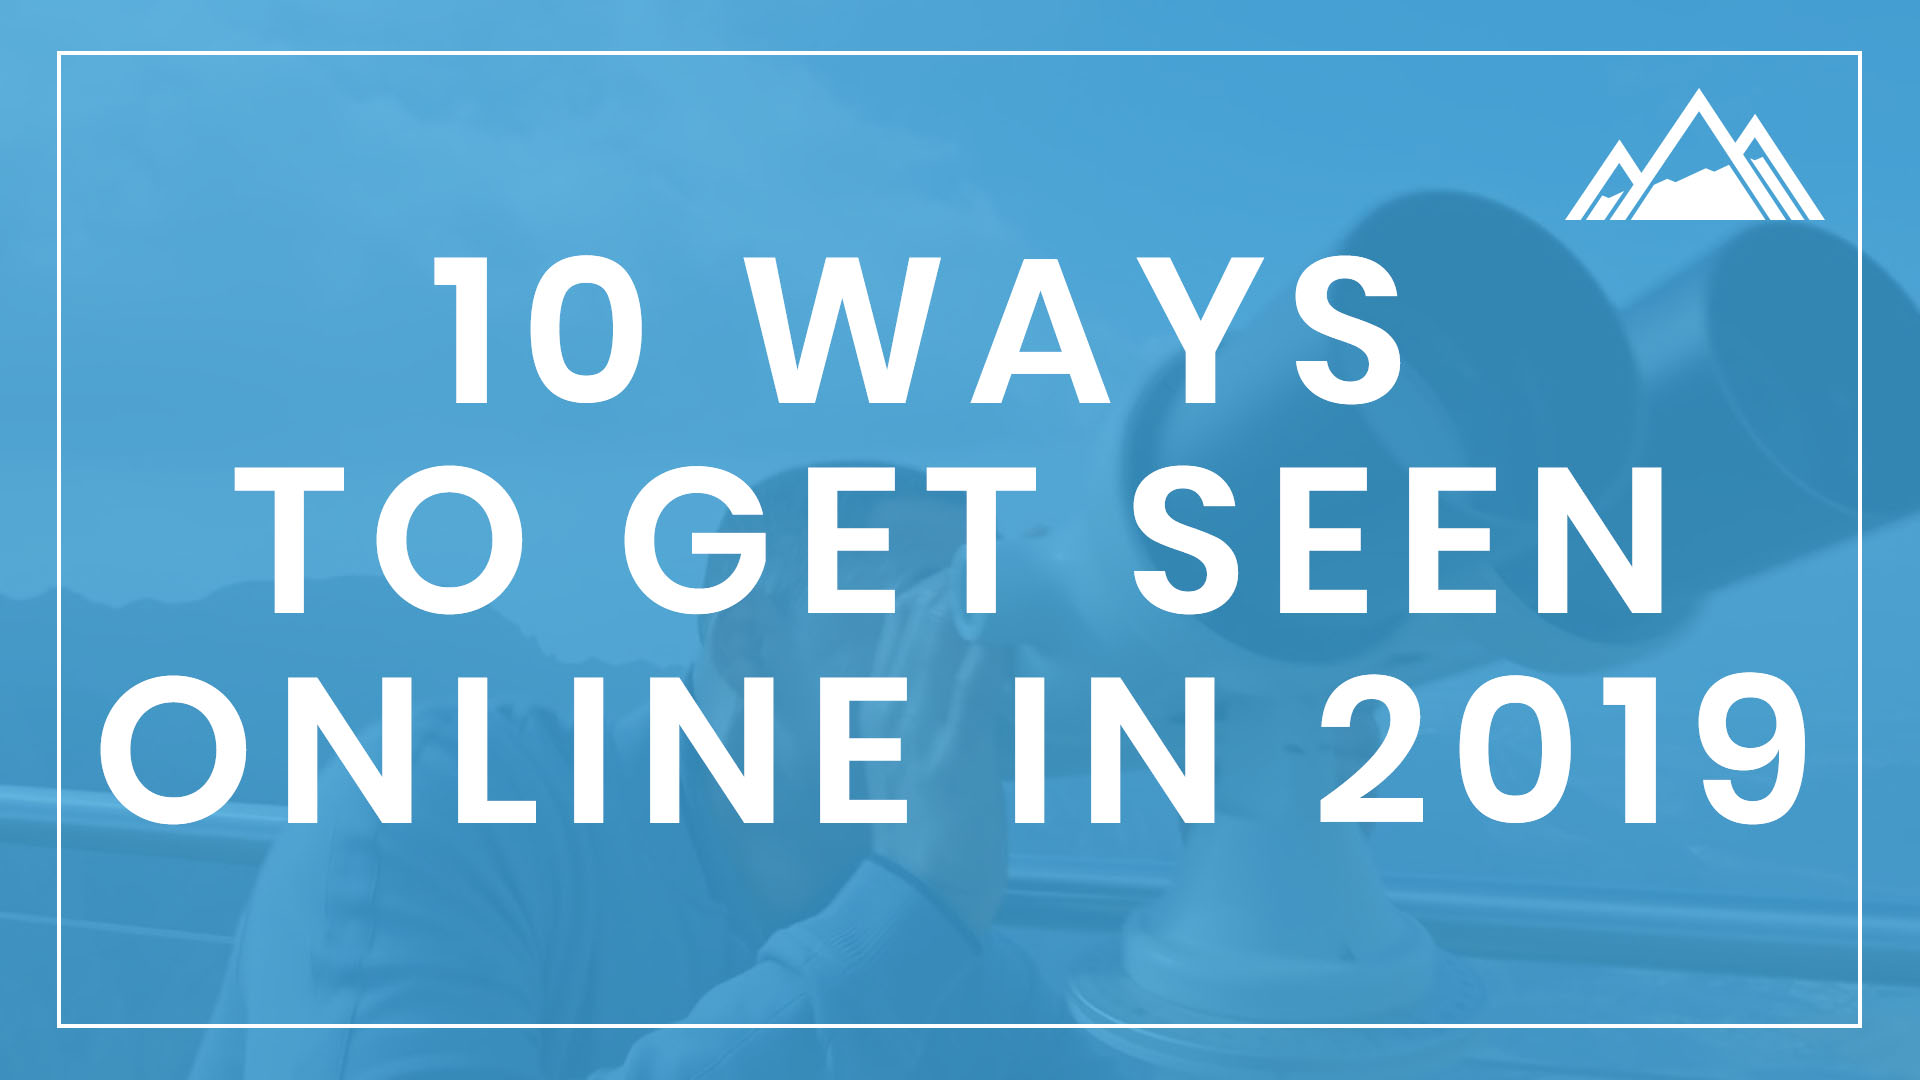 10 Ways To Get Seen Online in 2019